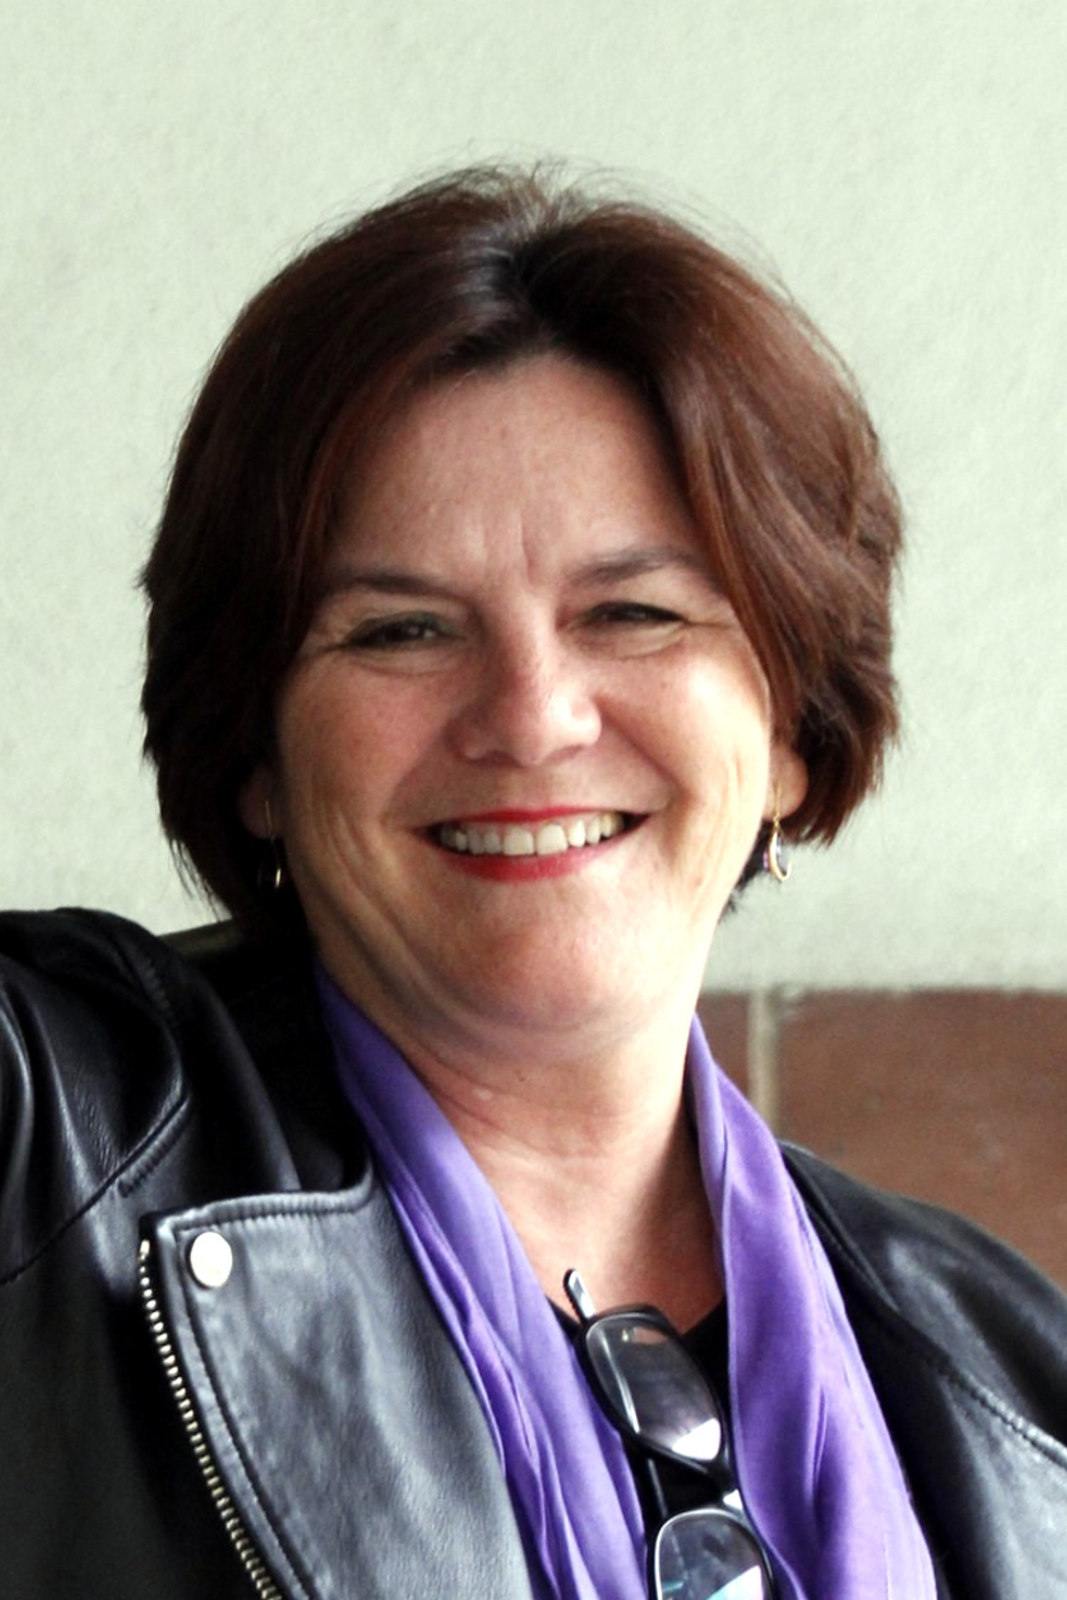 María José Campillo Meseguer